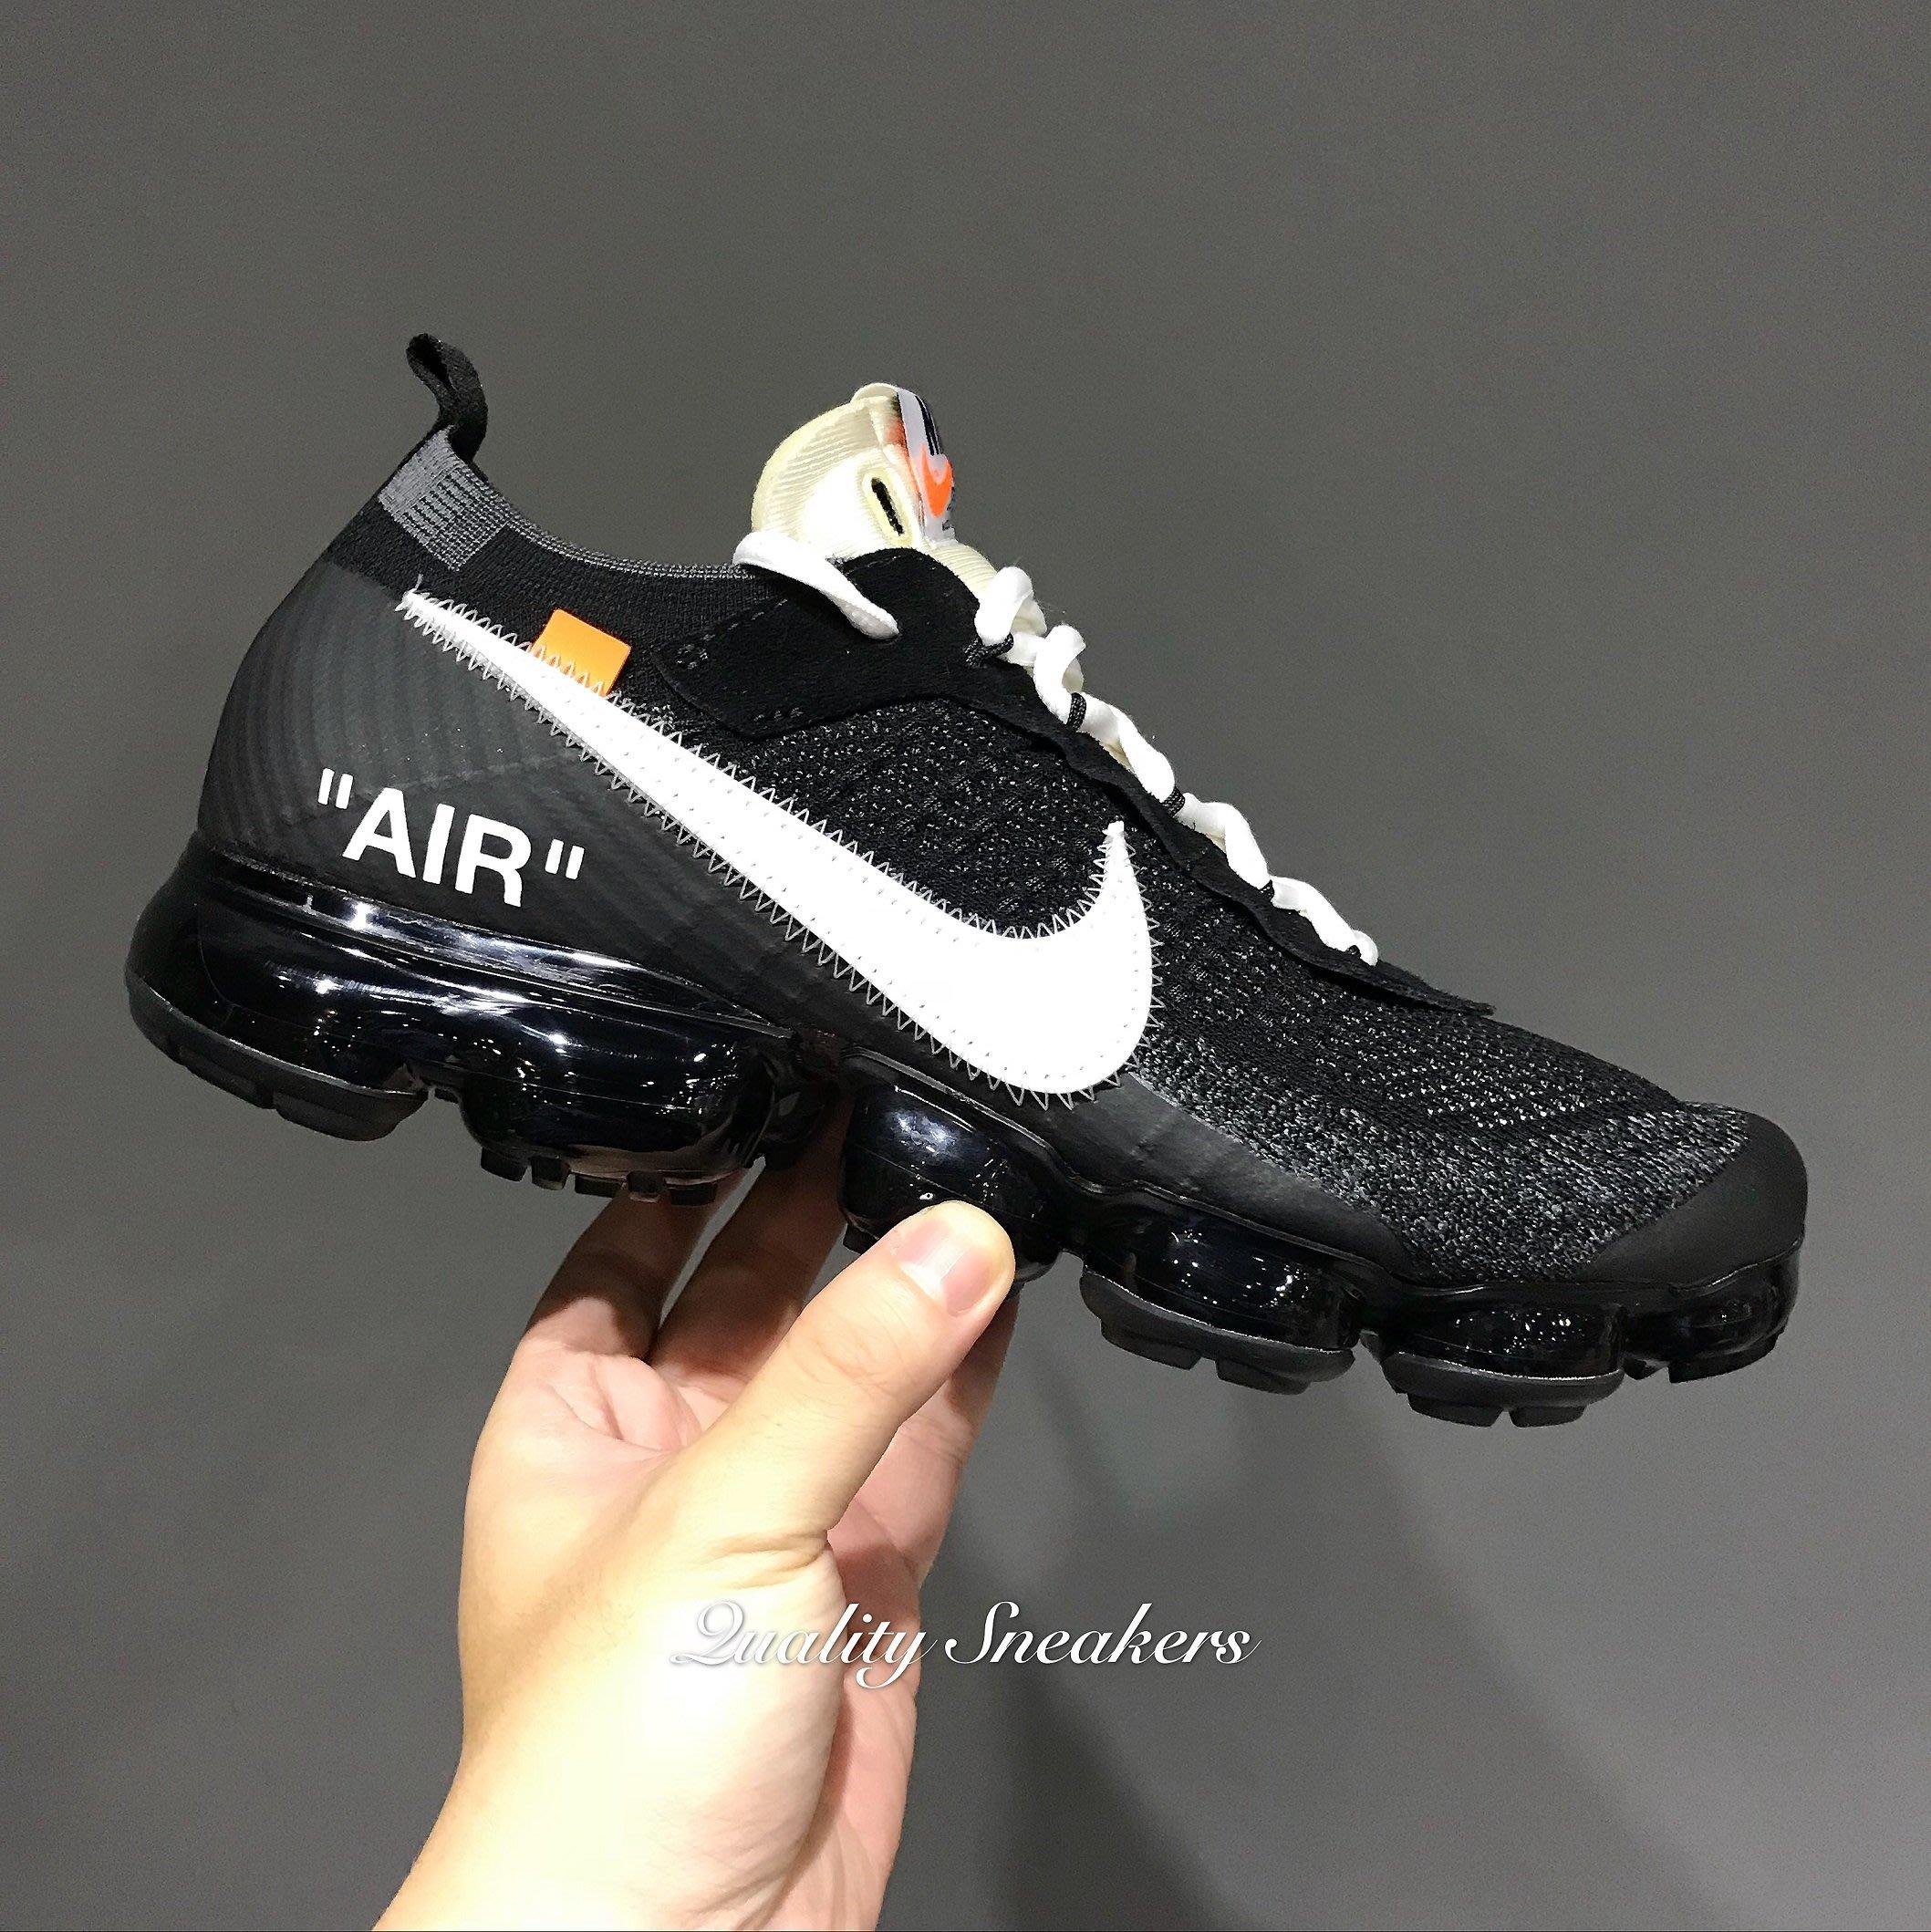 d15c7c7c7476 現貨- Off-White x Nike Air VaporMax Flyknit 黑色全氣墊AA3831 001 ...